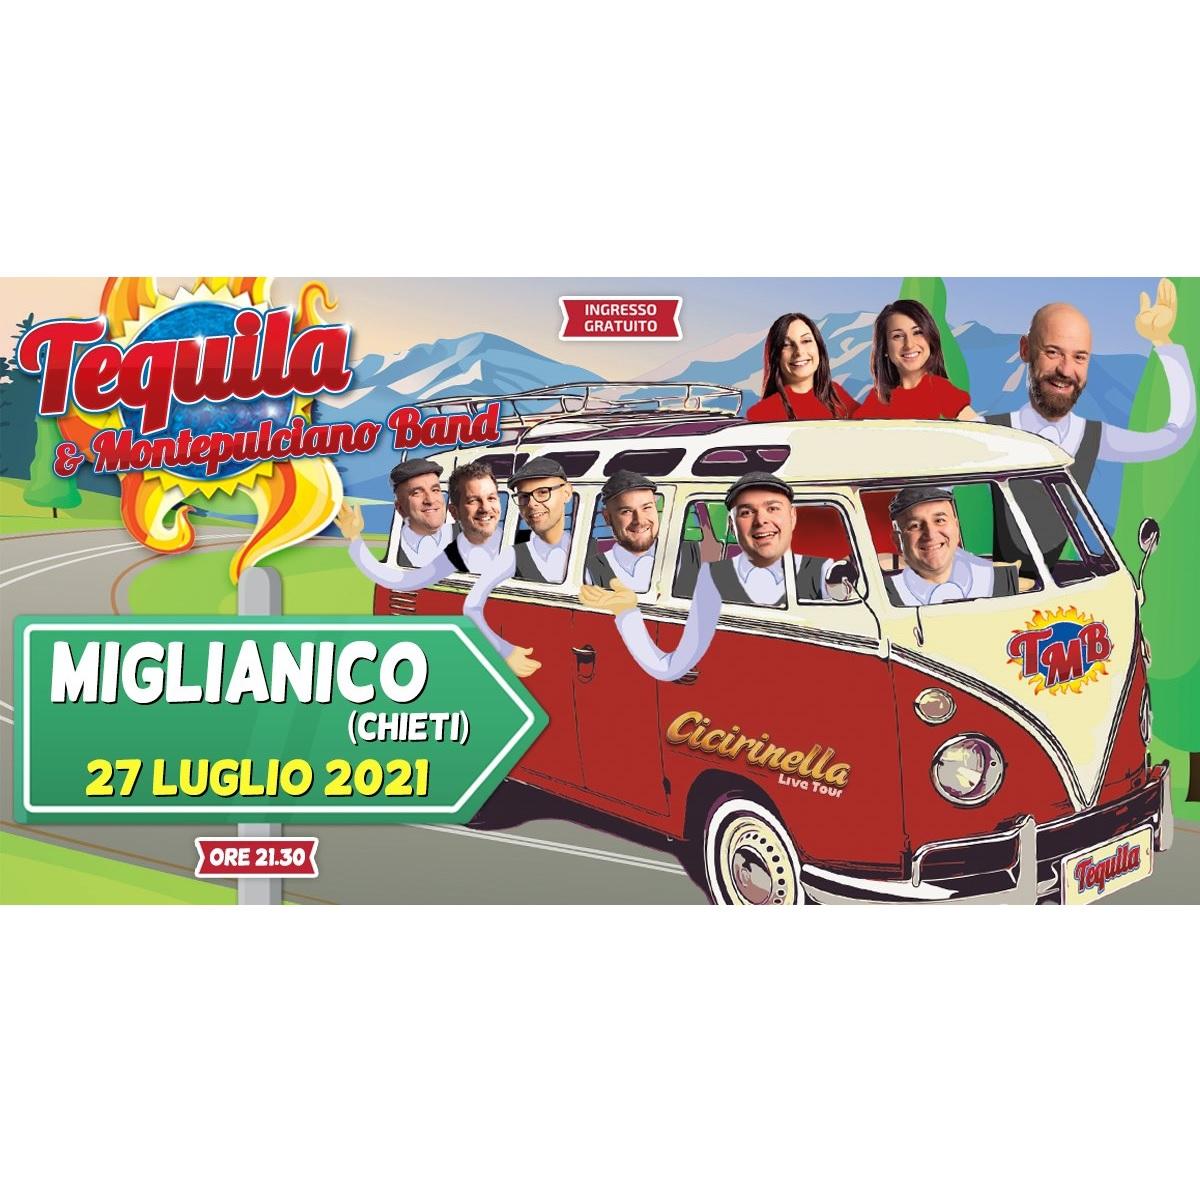 Tequila & Montepulciano Band a Miglianico 27 luglio 2021 foto